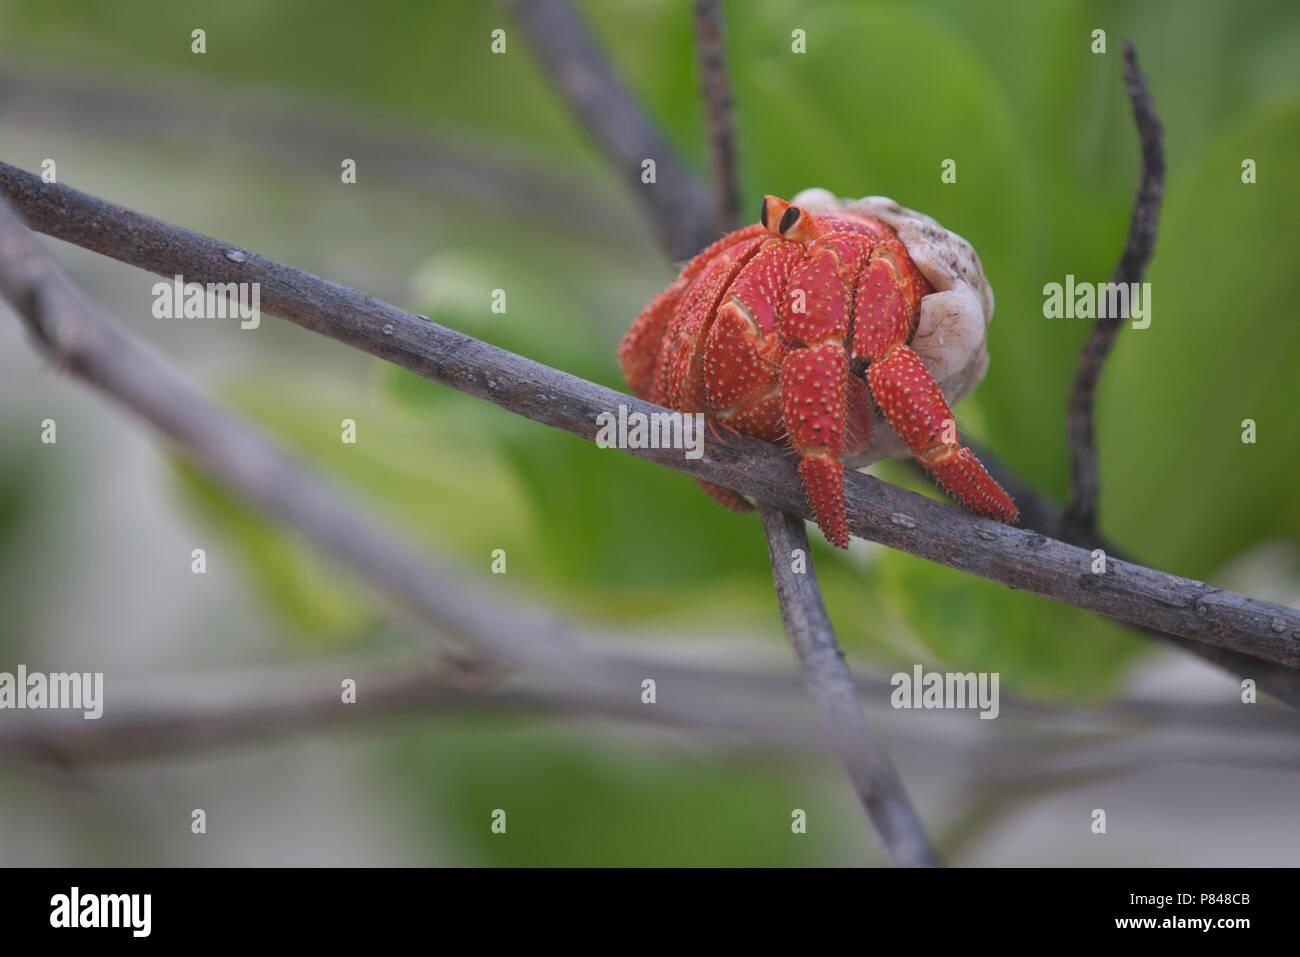 Hermit Crab, Kiribati, South Pacific - Stock Image